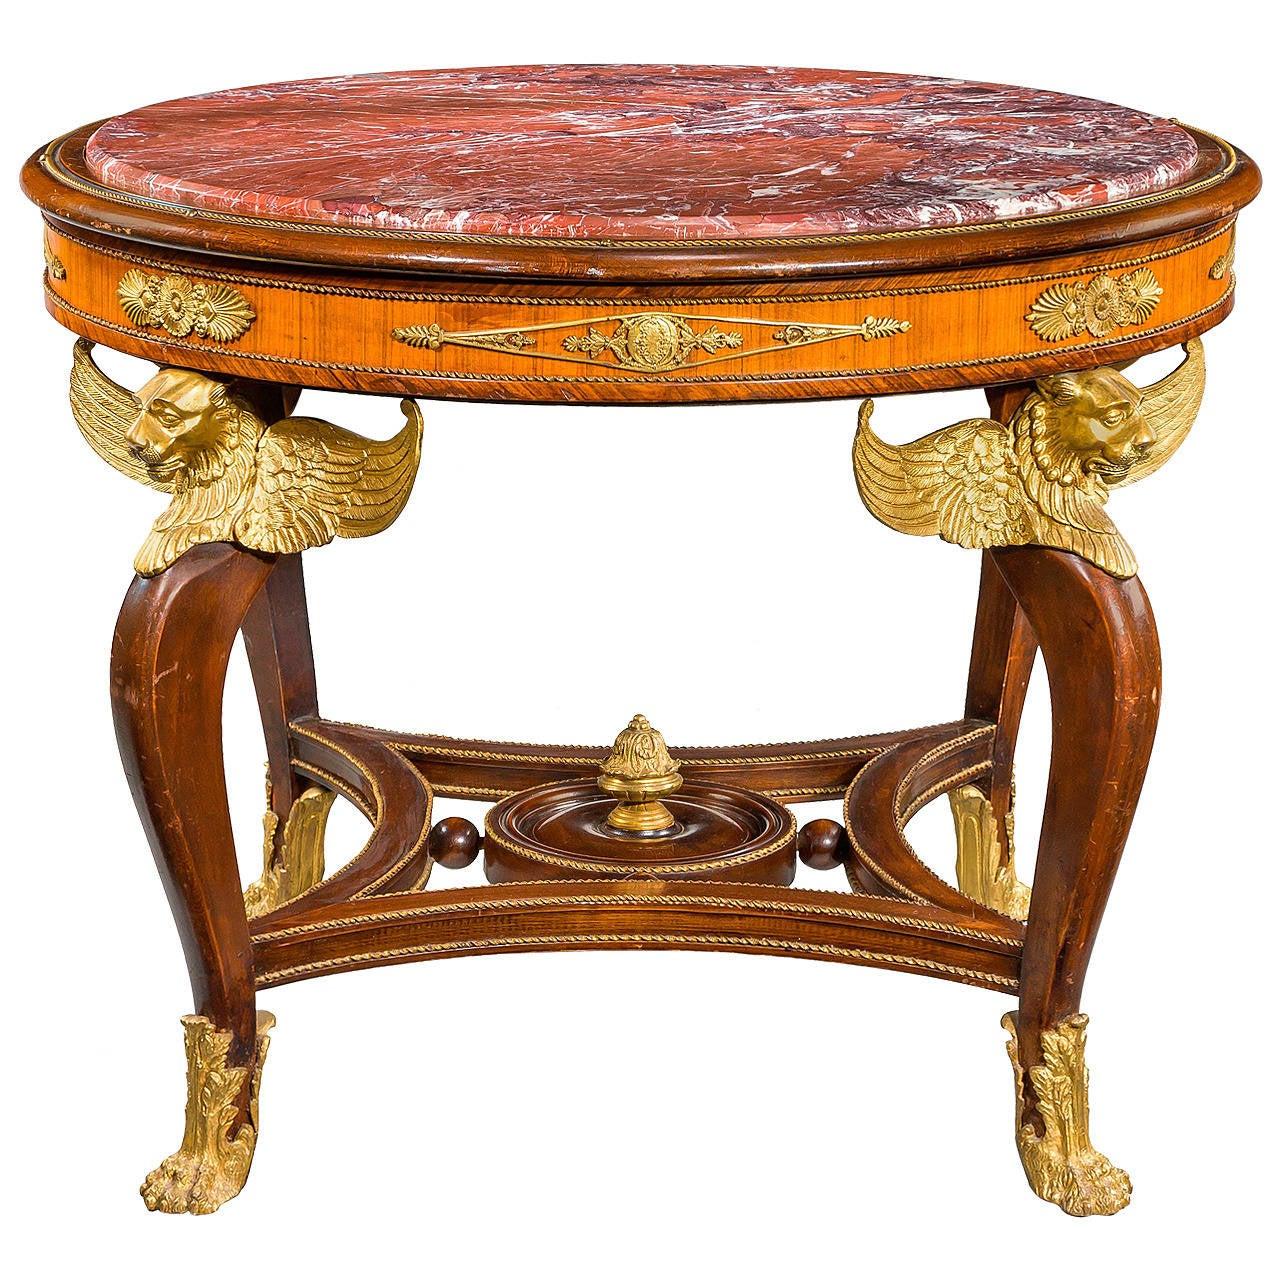 19th Century French Mahogany Kingwood Centre Table